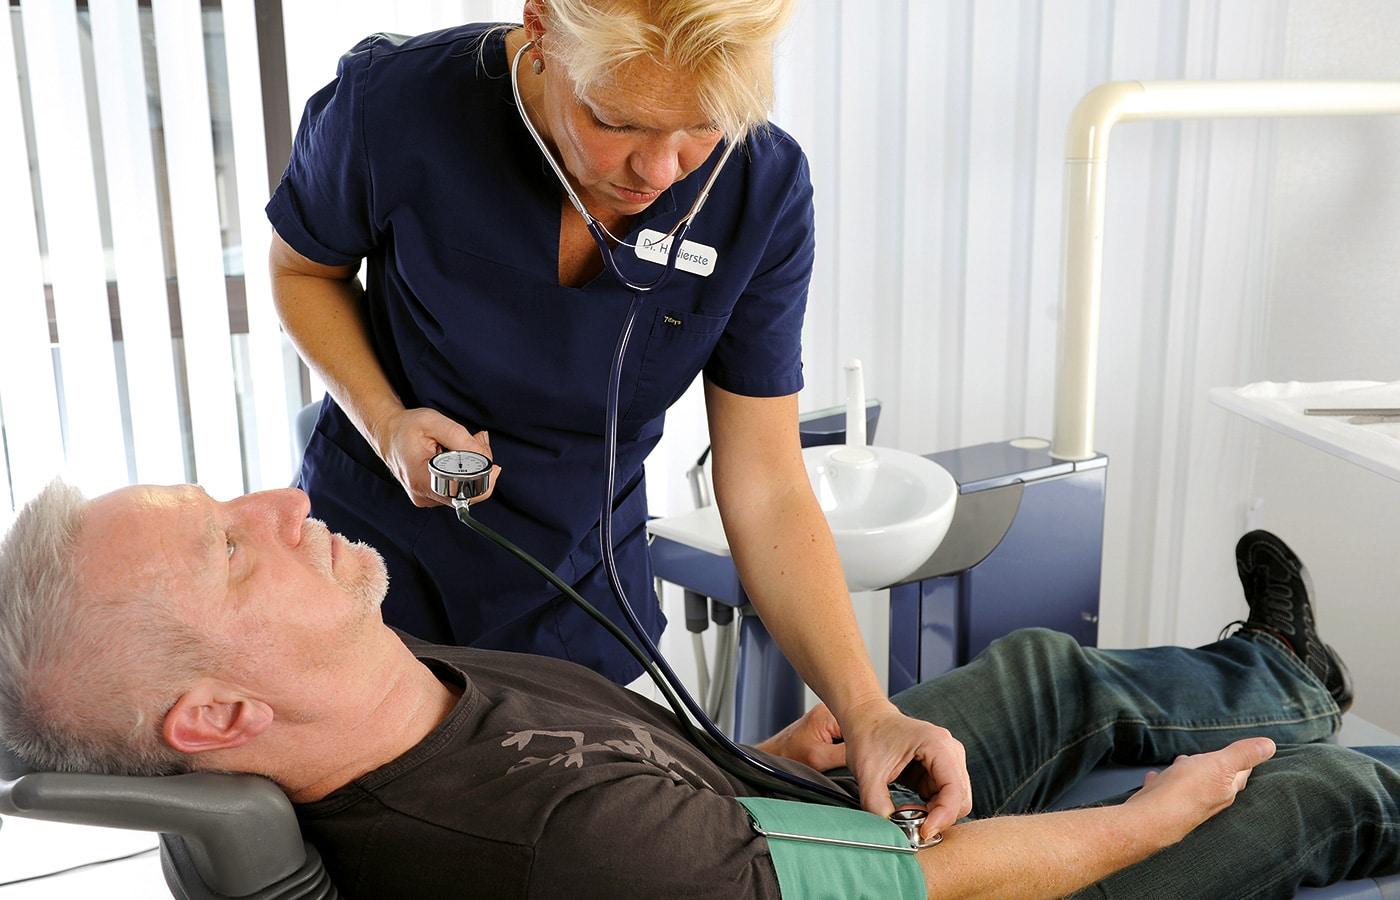 Institut Dentale Sedierung, Kurs Notfalltraining, Zahnarztteam, Fortbildung Zahnärzte, ZFA, Dr. Frank Mathers,